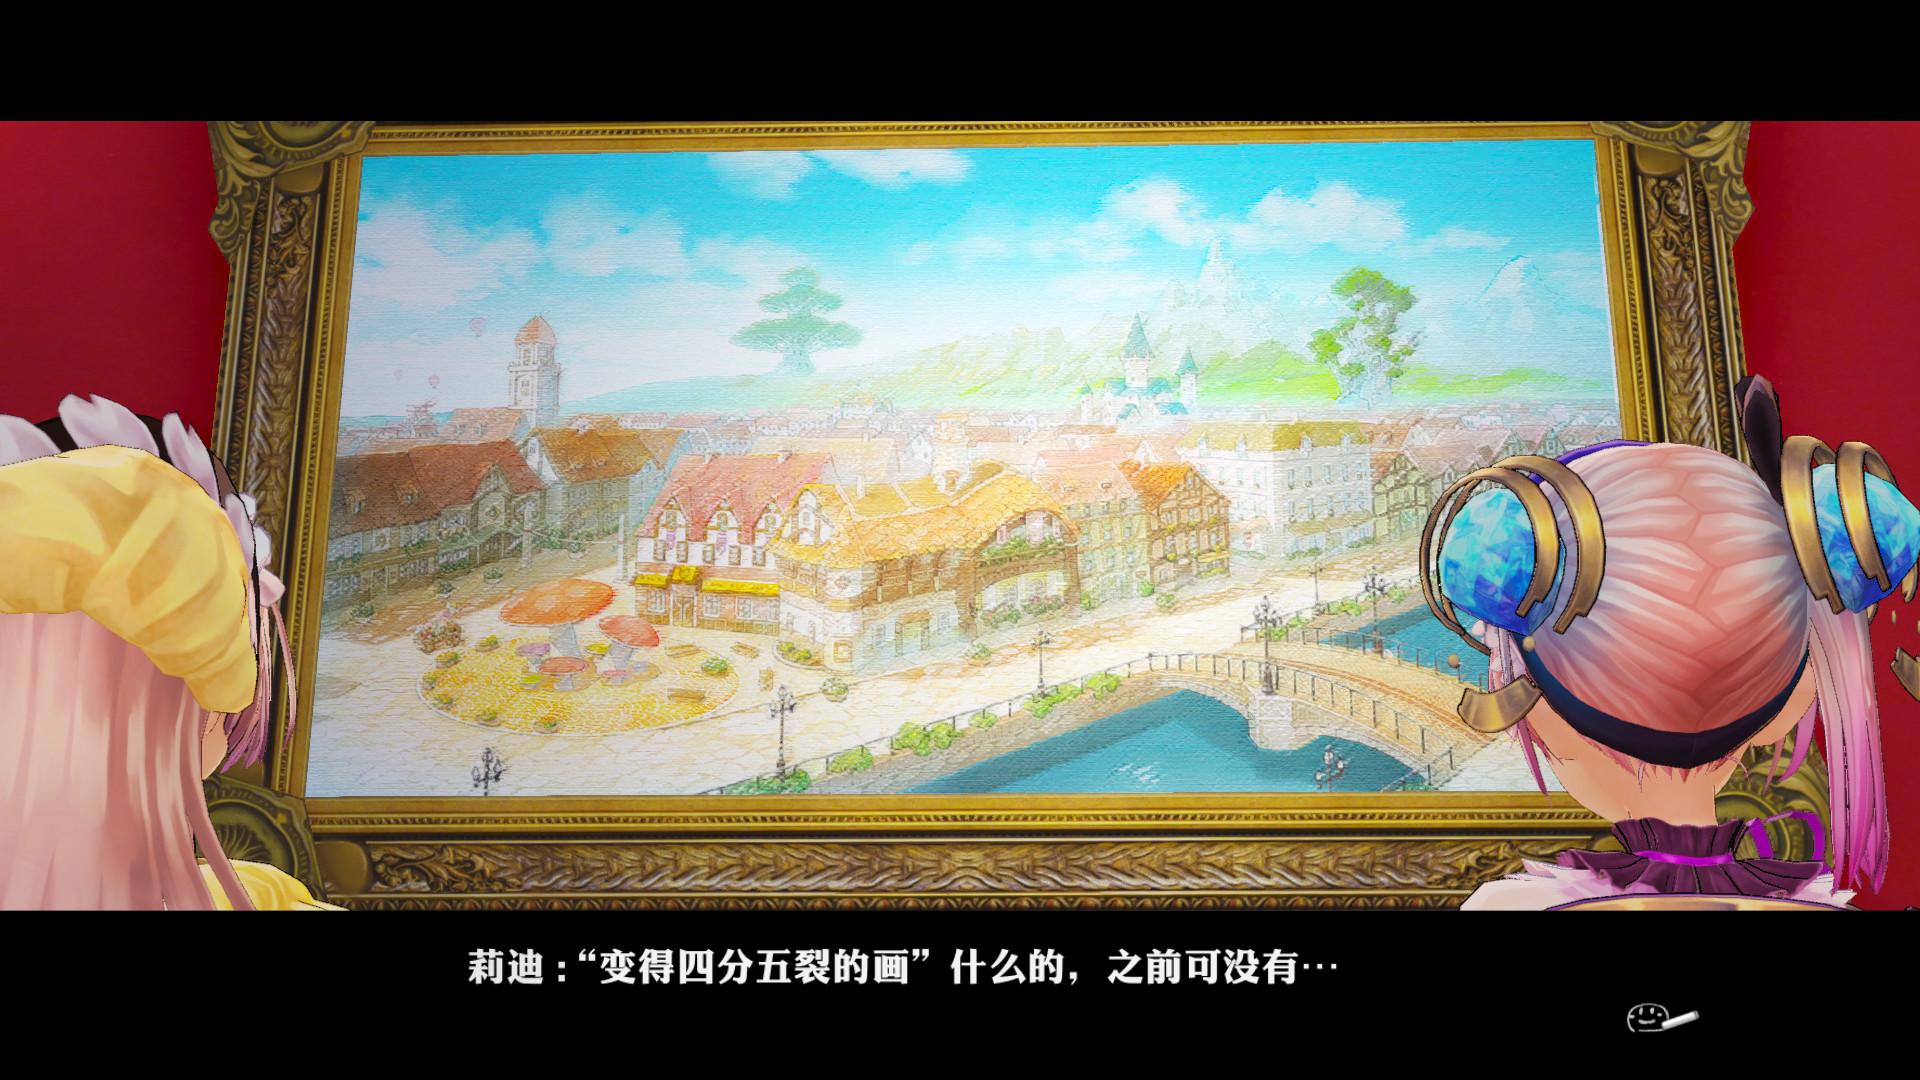 莉迪&苏瑞的炼金一级特黄牲交大片免费看 ~不可思议绘画的炼金术士~ DX图片